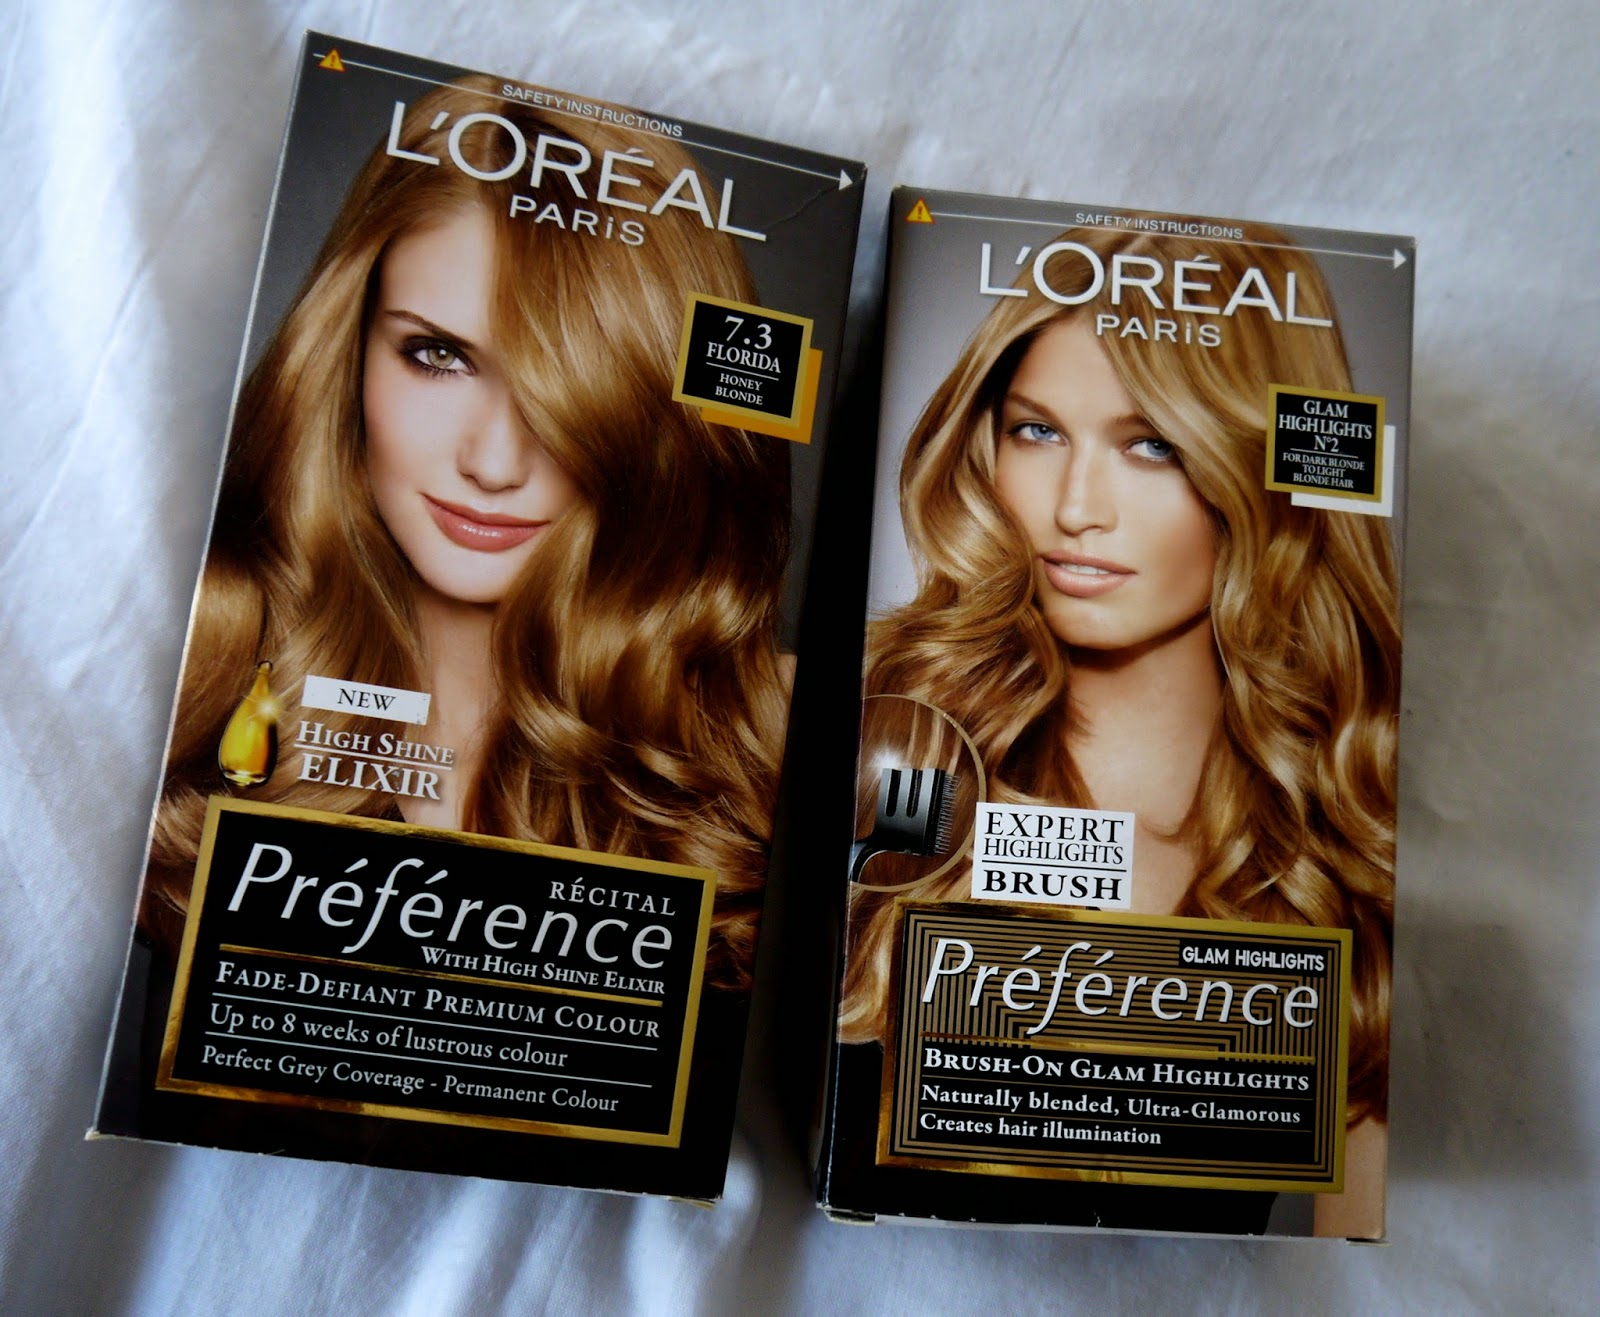 Лореаль краска для волос как подобрать цвет волос